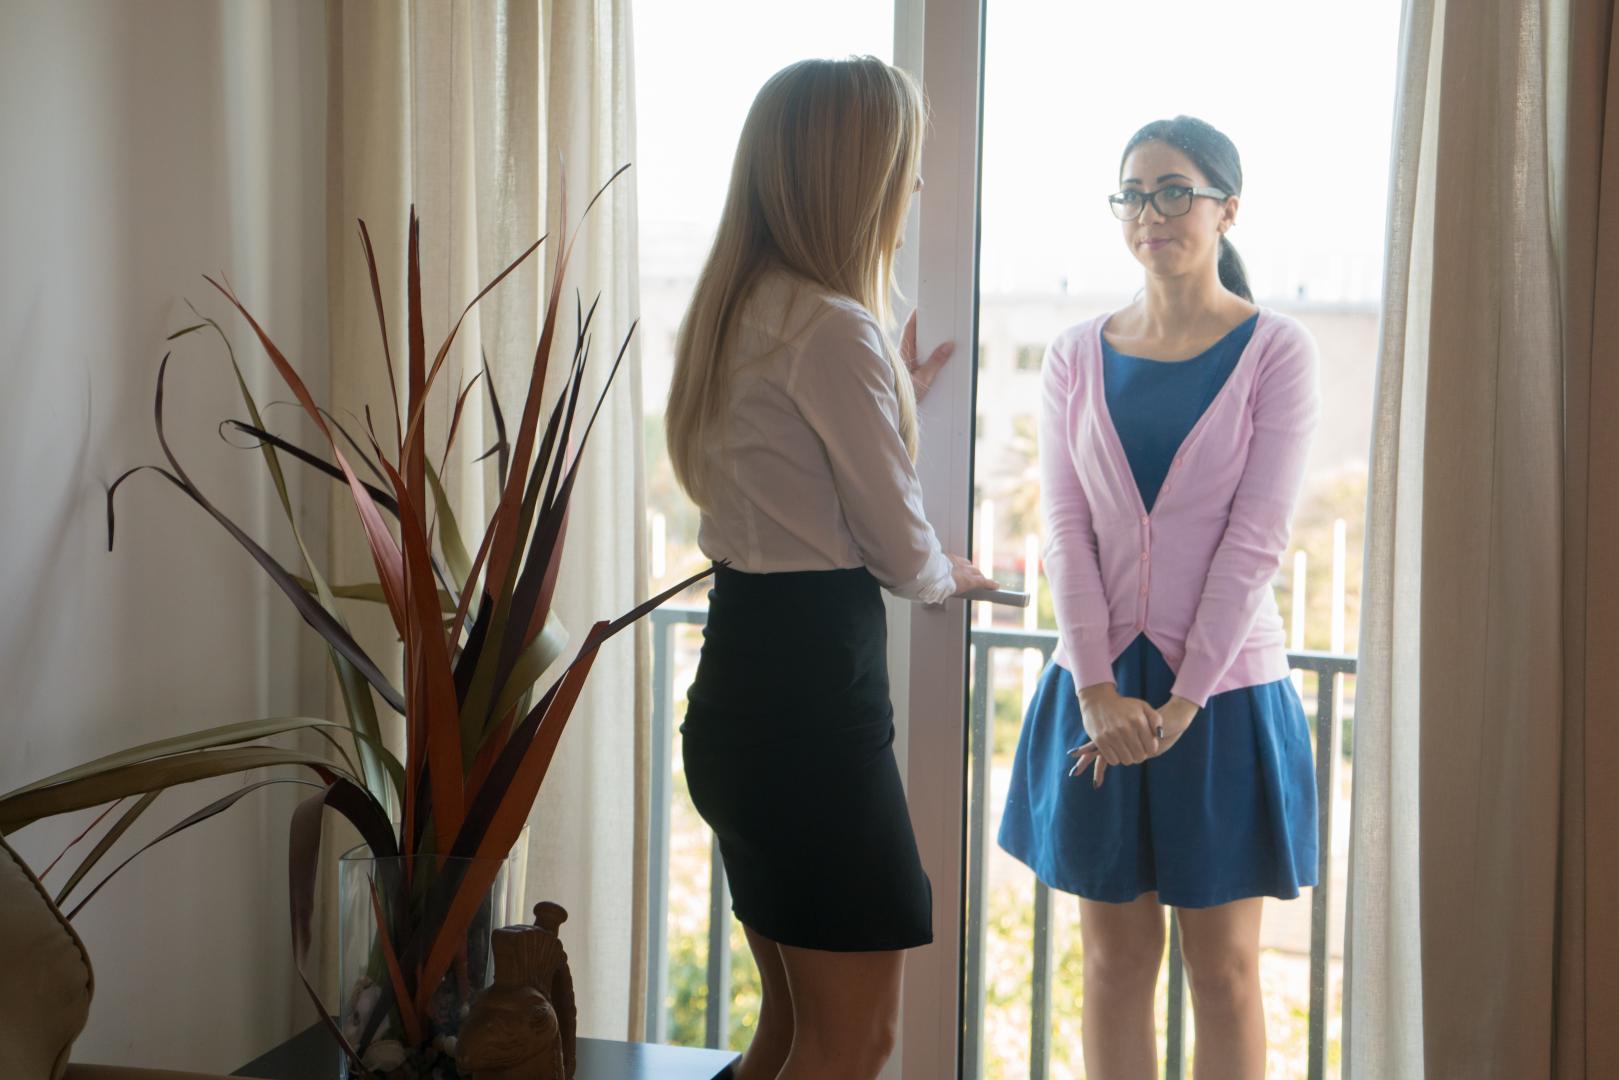 Julia De Lucia y Sicilia - dos chicas comparten una verga